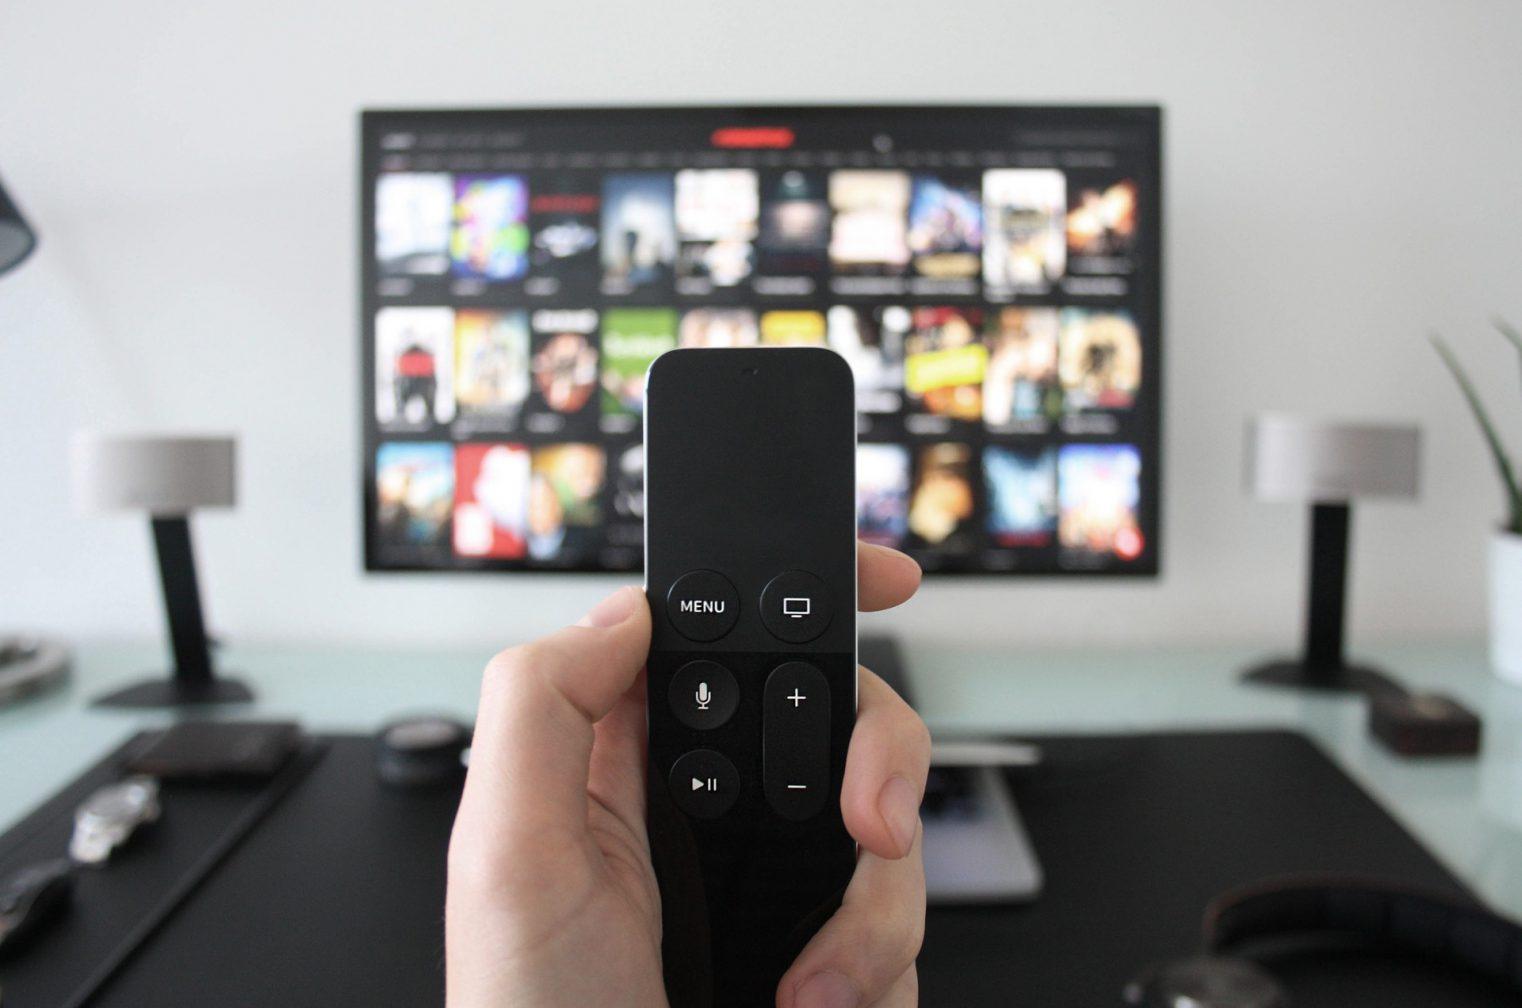 映像制作会社の社員は年末どんなテレビ番組を見る? アンケートを取ってみた